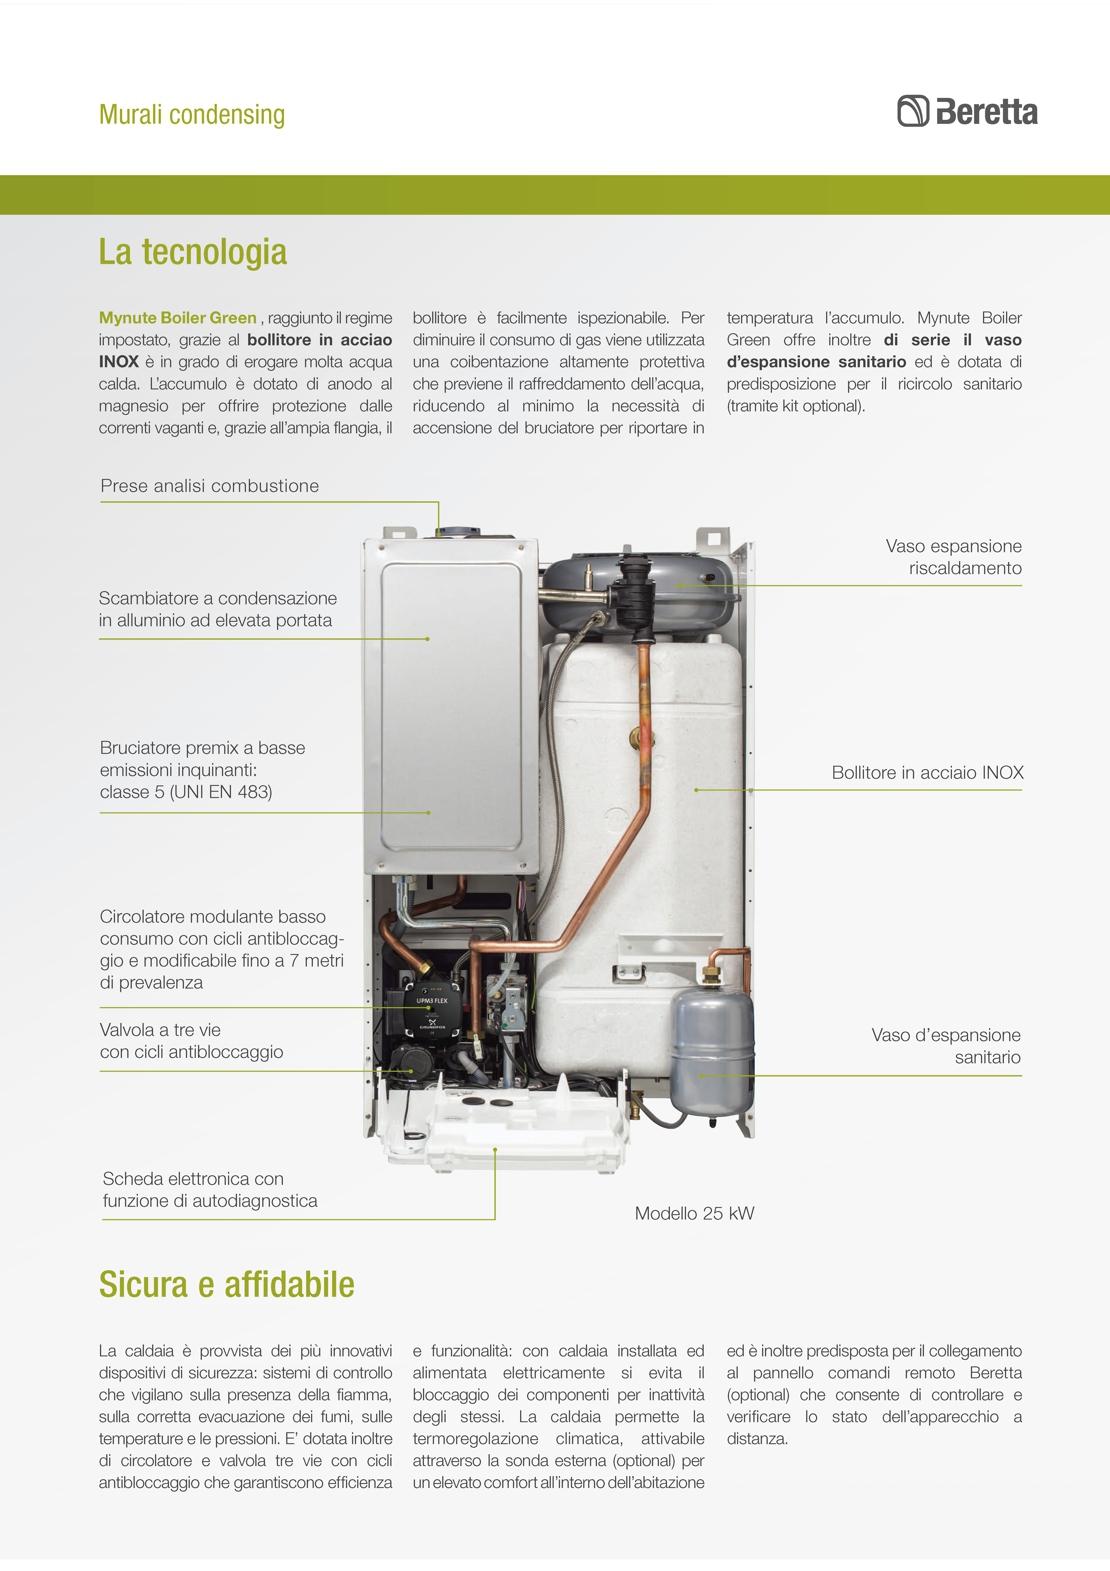 mynute-boiler-green_Long003.jpg